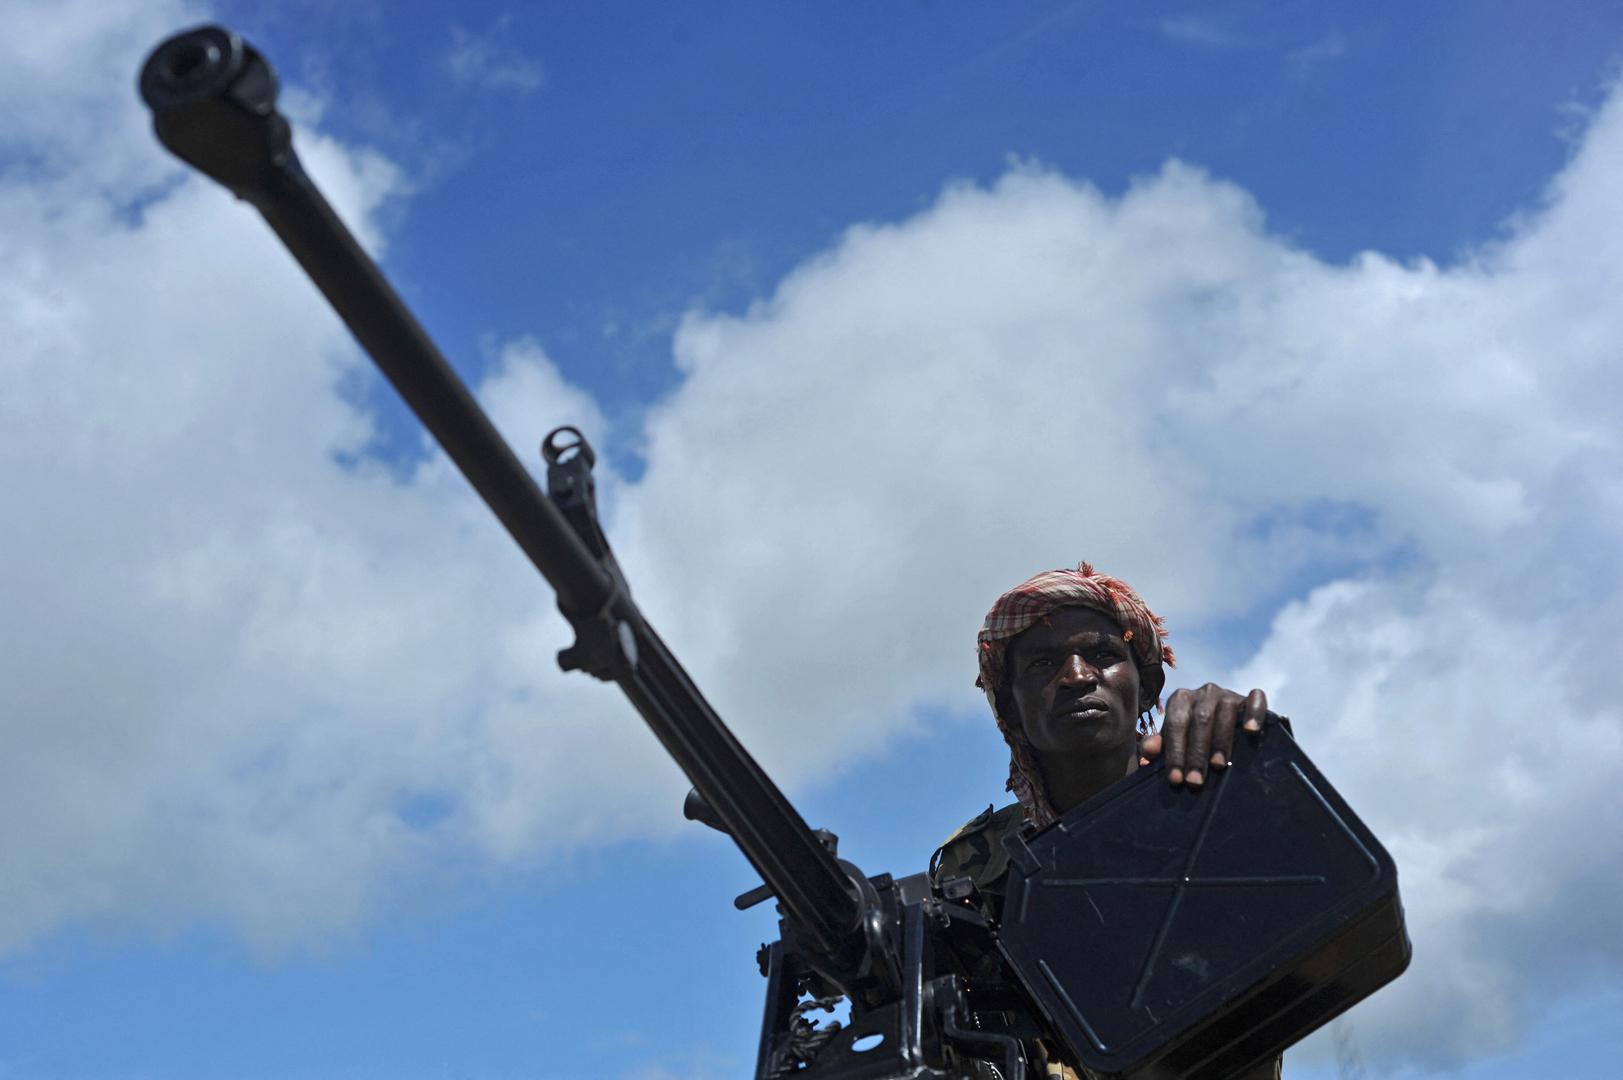 الجيش الصومالي يعلن مقتل أكثر من 60 من مسلحي حركة الشباب في انفجار  قنبلة أثناء تجميعها